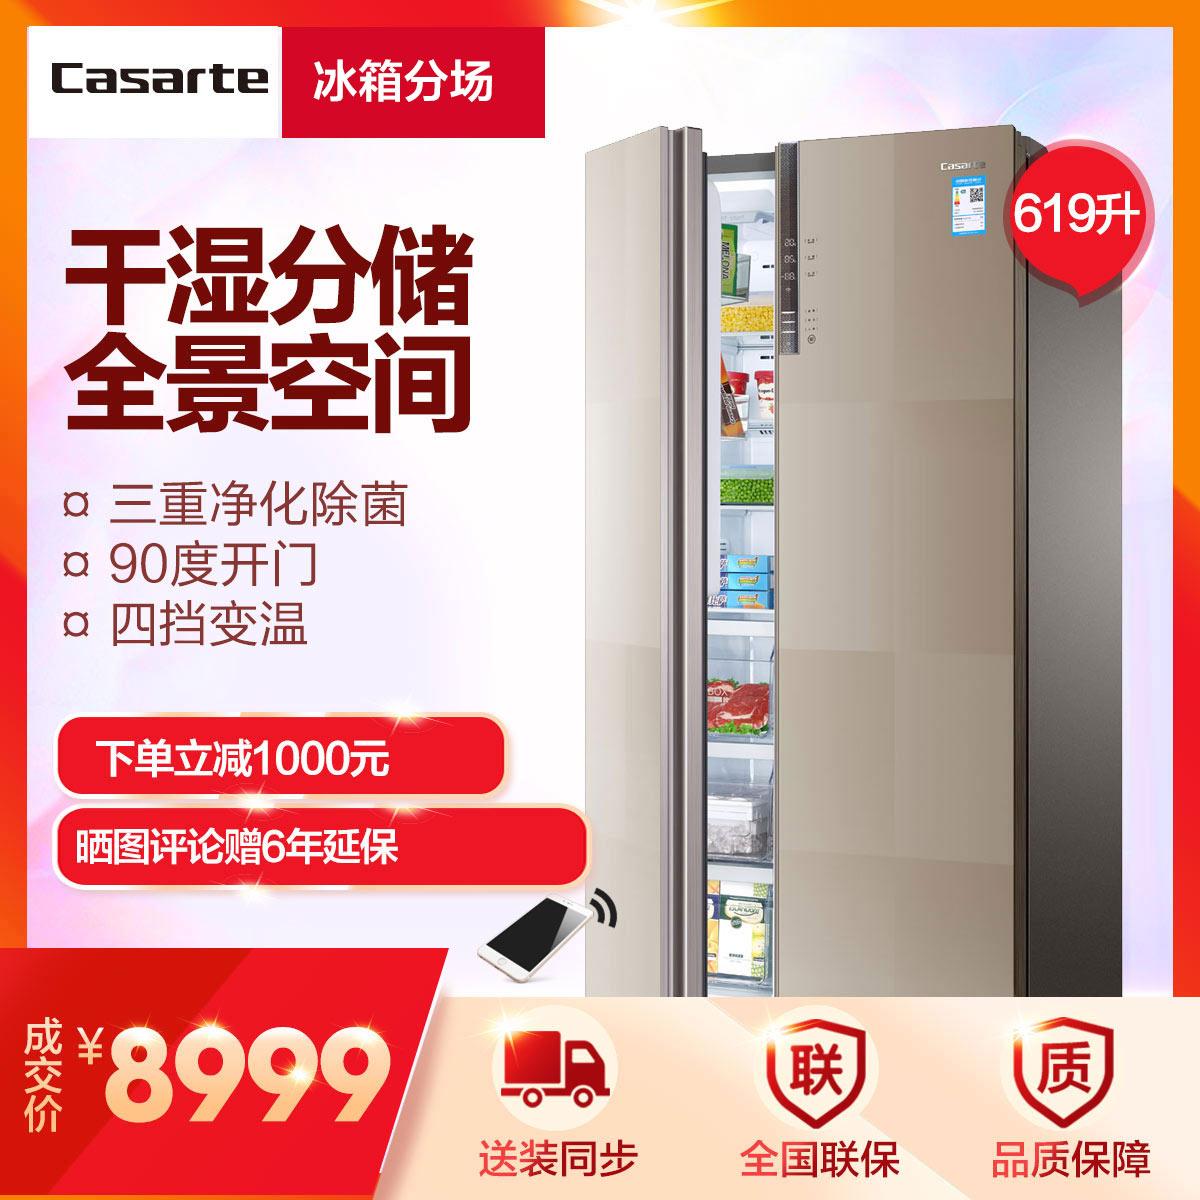 智能远程操控 干湿分储 三重净化除菌 BCD-619WDCQU1 619升智能三重净化风冷无霜对开门冰箱